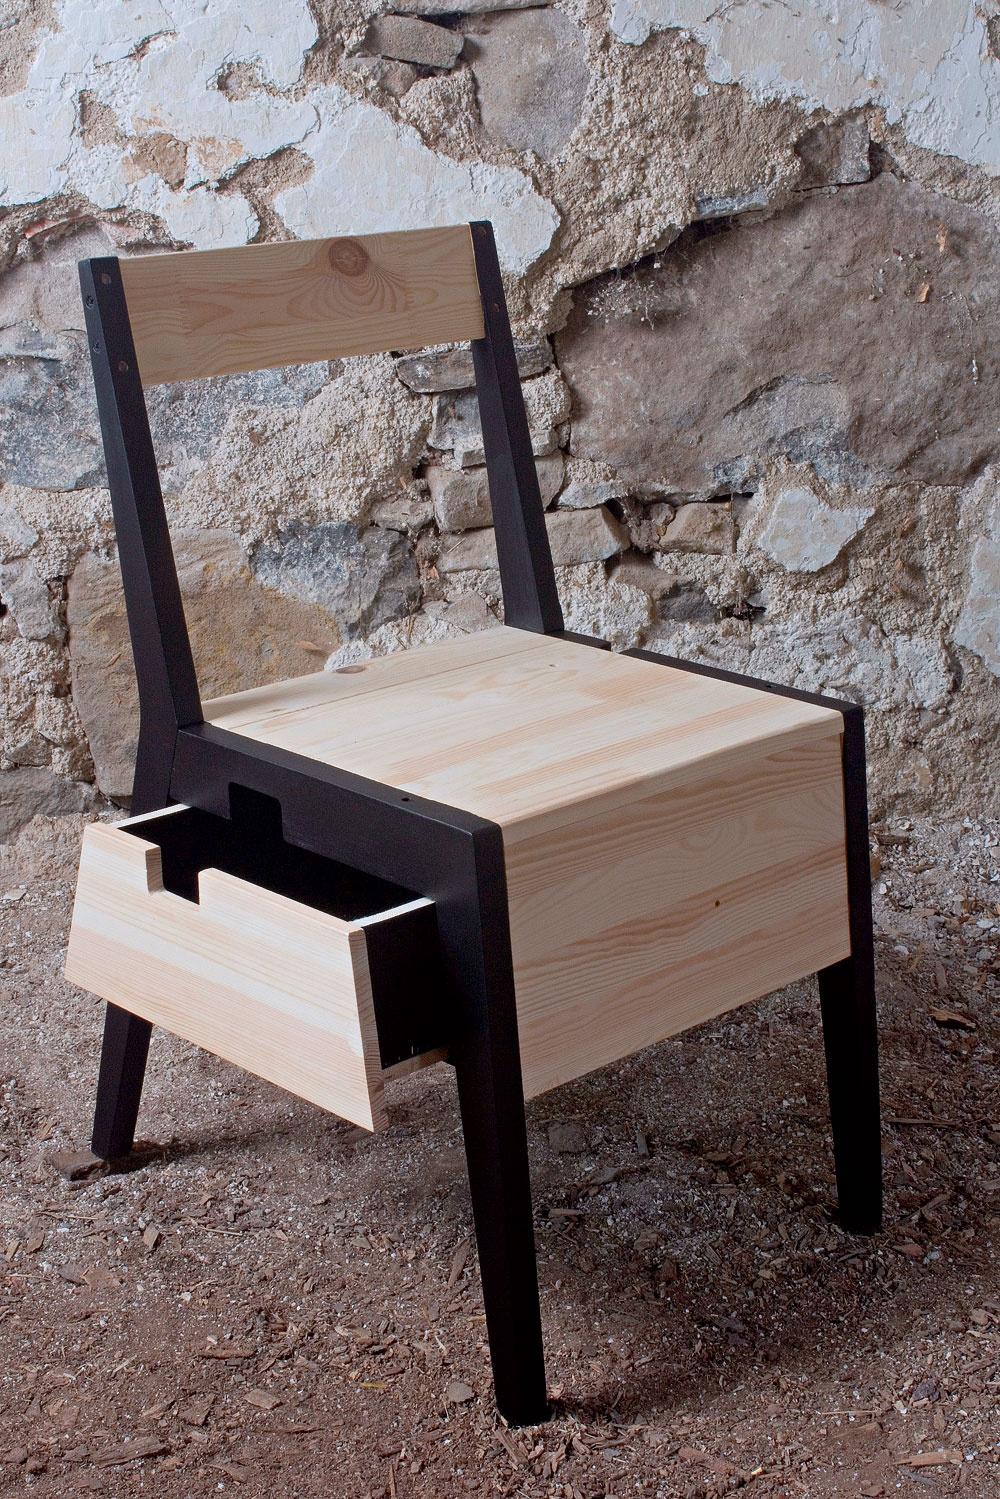 Zo 45 originálov kresiel, stolov, stoličiek, svietidiel, hodín, ležadiel, políc či iných zaježokusov sa nám zapáčila aj stolička Šufla, na ktorej si dala záležať Júlia Dologová. Zhotovila ju zkostry staršej stoličky adrevených dosiek bývalého nočného stolíka. Júlia vyštudovala dizajn na Fakulte umení Technickej univerzity vKošiciach.